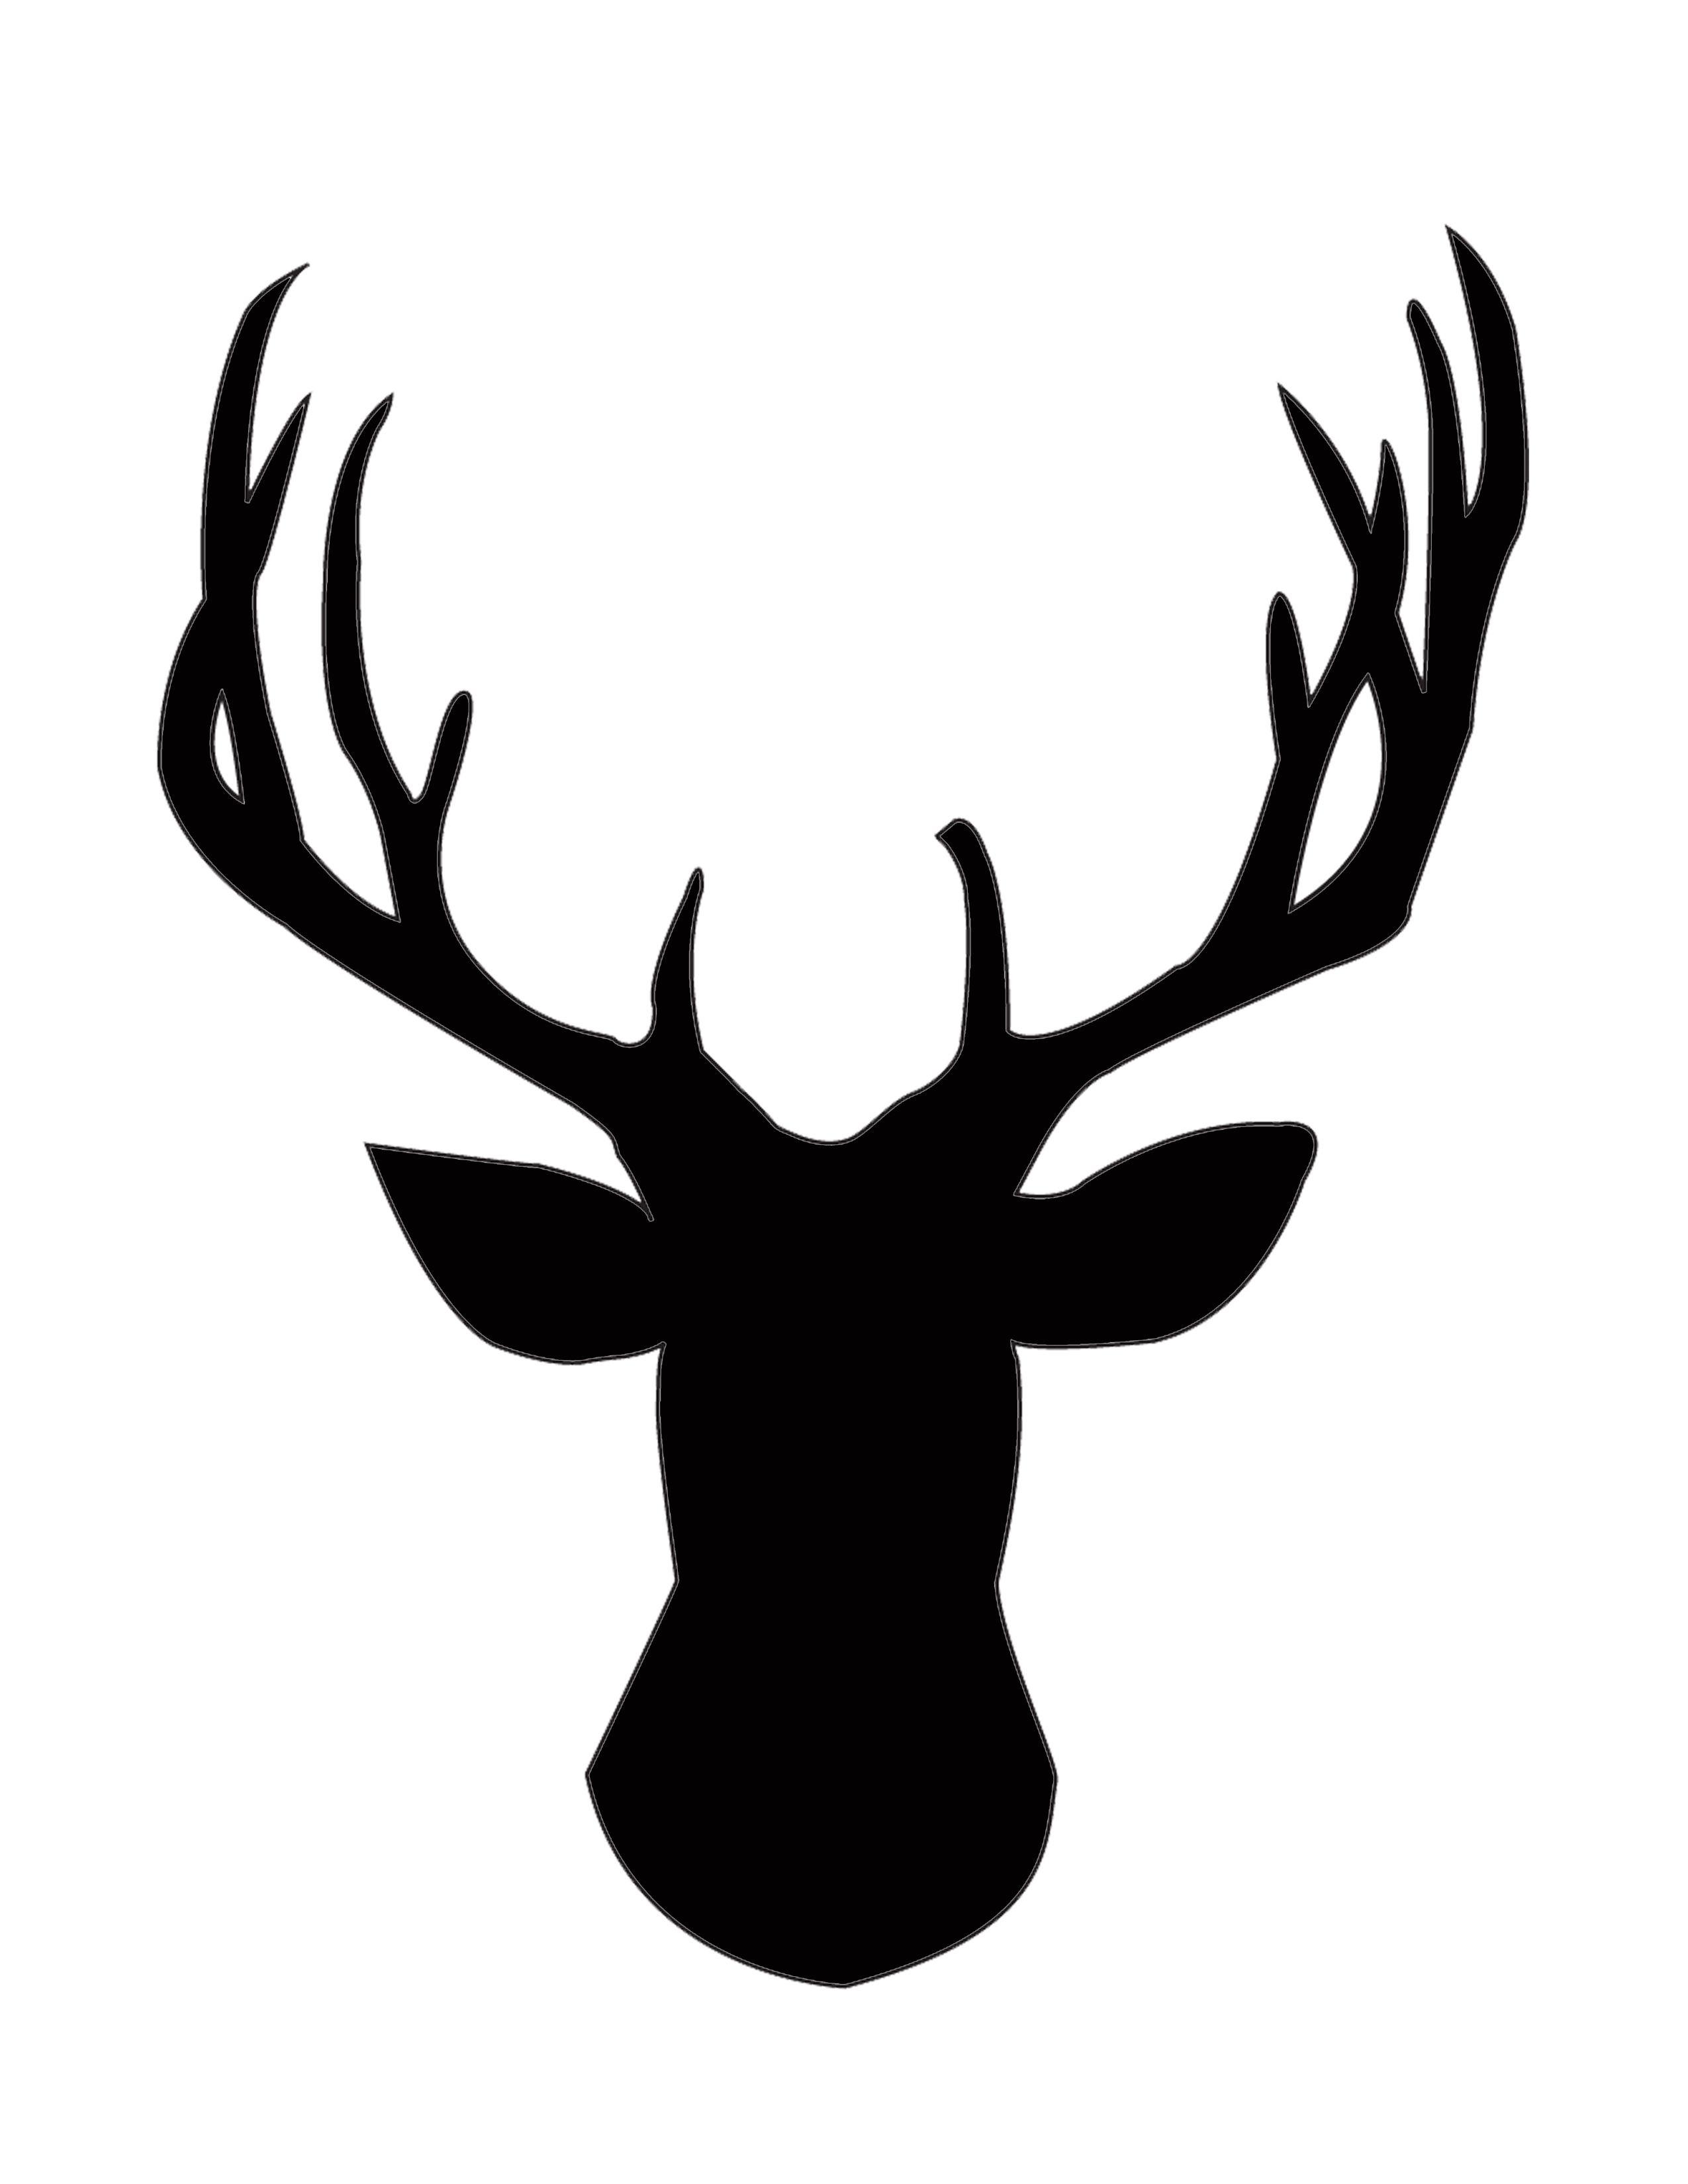 DIY Gold Foil Deer Head Silhouette Deer head silhouette